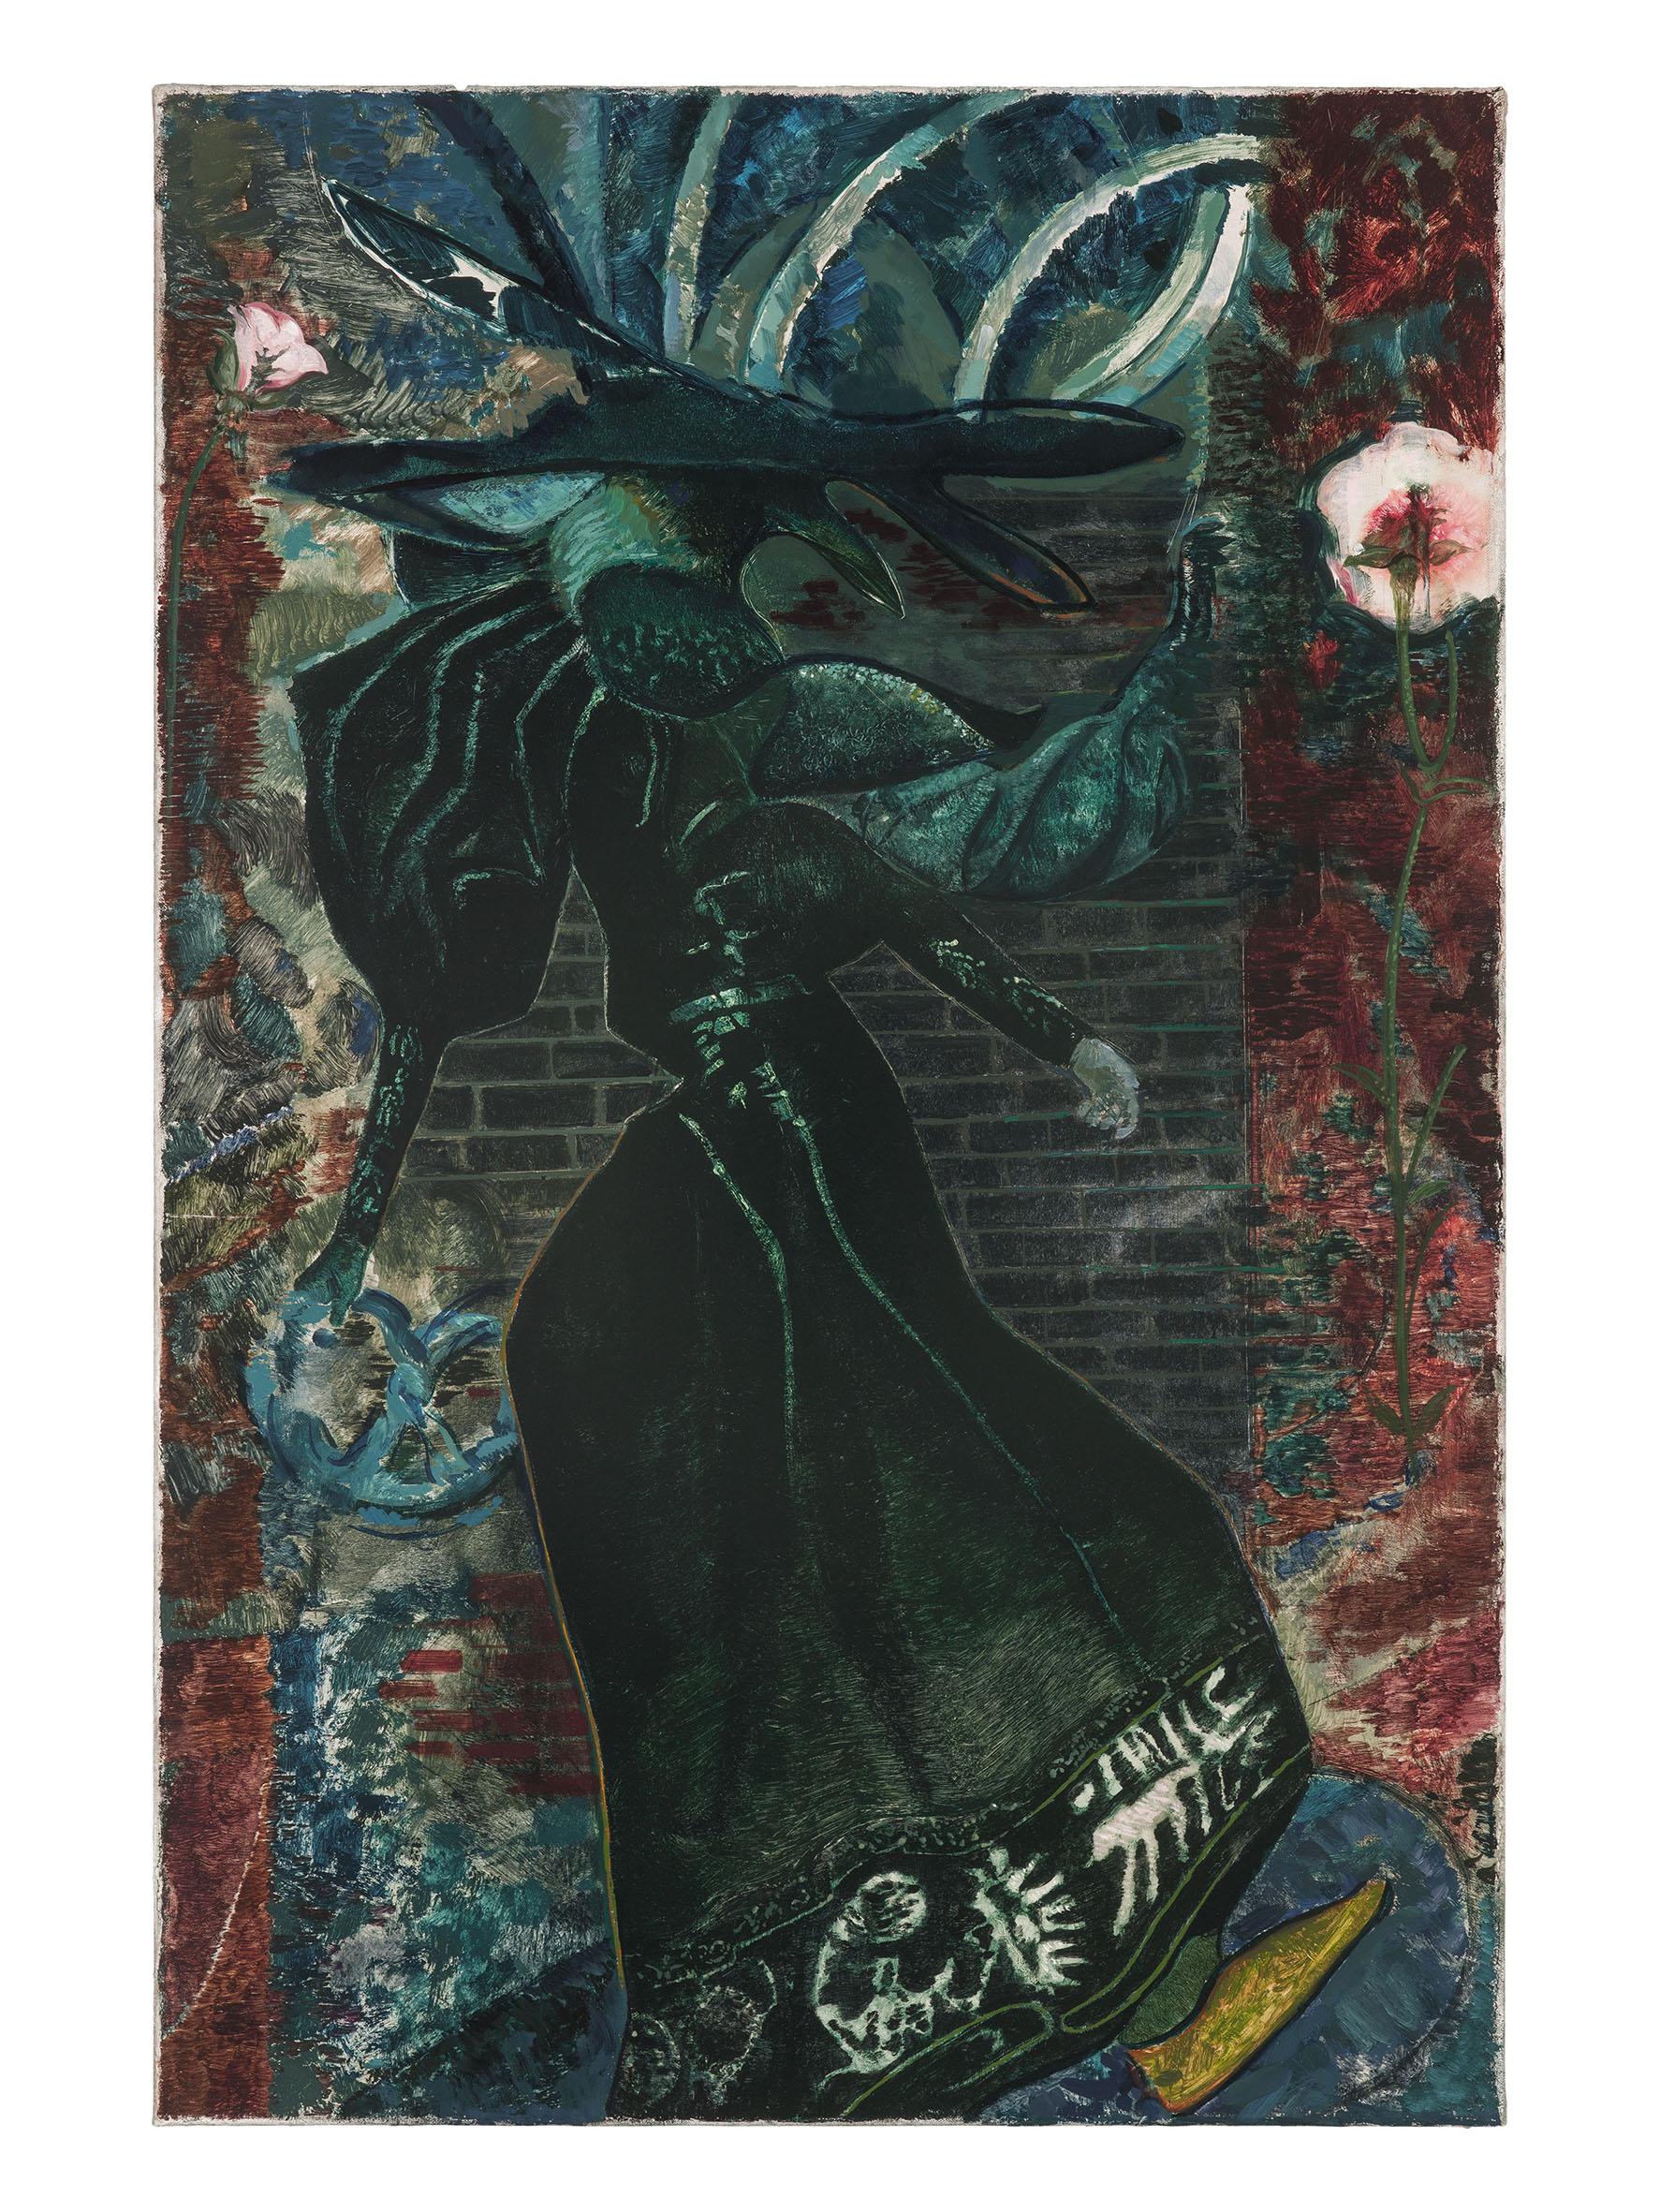 Victor Man: Flowering Ego